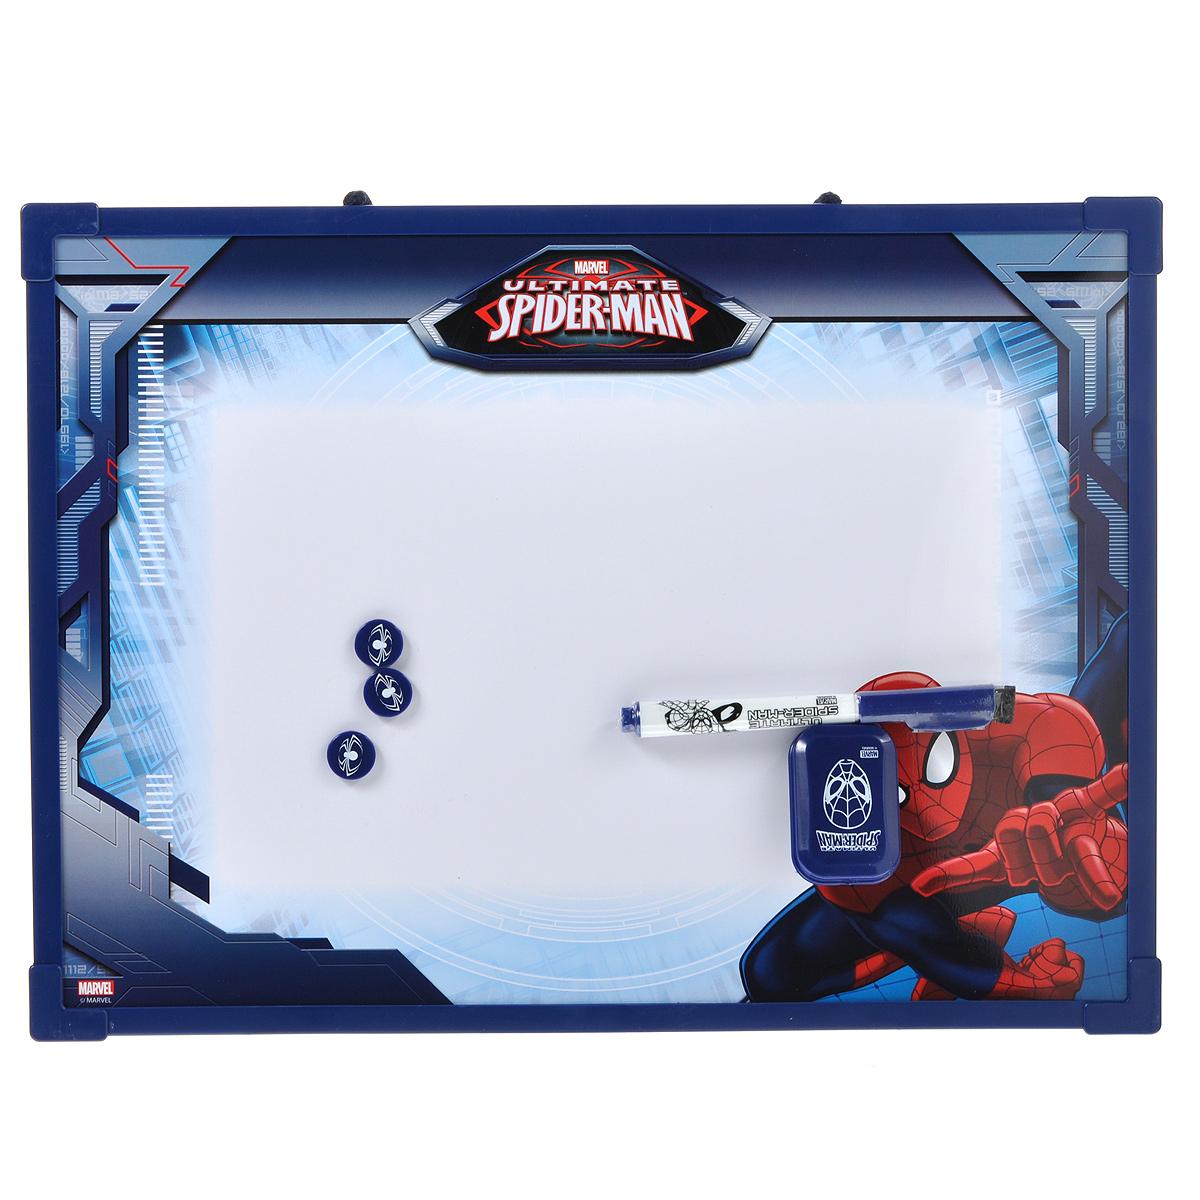 Доска магнитно-маркерная Spider-Man, цвет: темно-синий, с аксессуарами. SMBB-US2-Z150098FS-00897Магнитно-маркерная доска Spider-Man - прекрасный способ для развития творческих и мыслительных способностей ребенка. Края доски обрамлены пластиком, который защищает ее от повреждений. В комплекте с доской предусмотрены специальный маркер с фетровым стирателем на колпачке, три круглых магнита и специальная губка для стирания записей и рисунков. Доска оформлена изображением Человека-Паука и имеет удобную веревочную петлю для подвешивания. Чернила маркера безопасные и нетоксичные.Магнитно-маркерная доска Spider-Man отлично подойдет для игр и учебы.